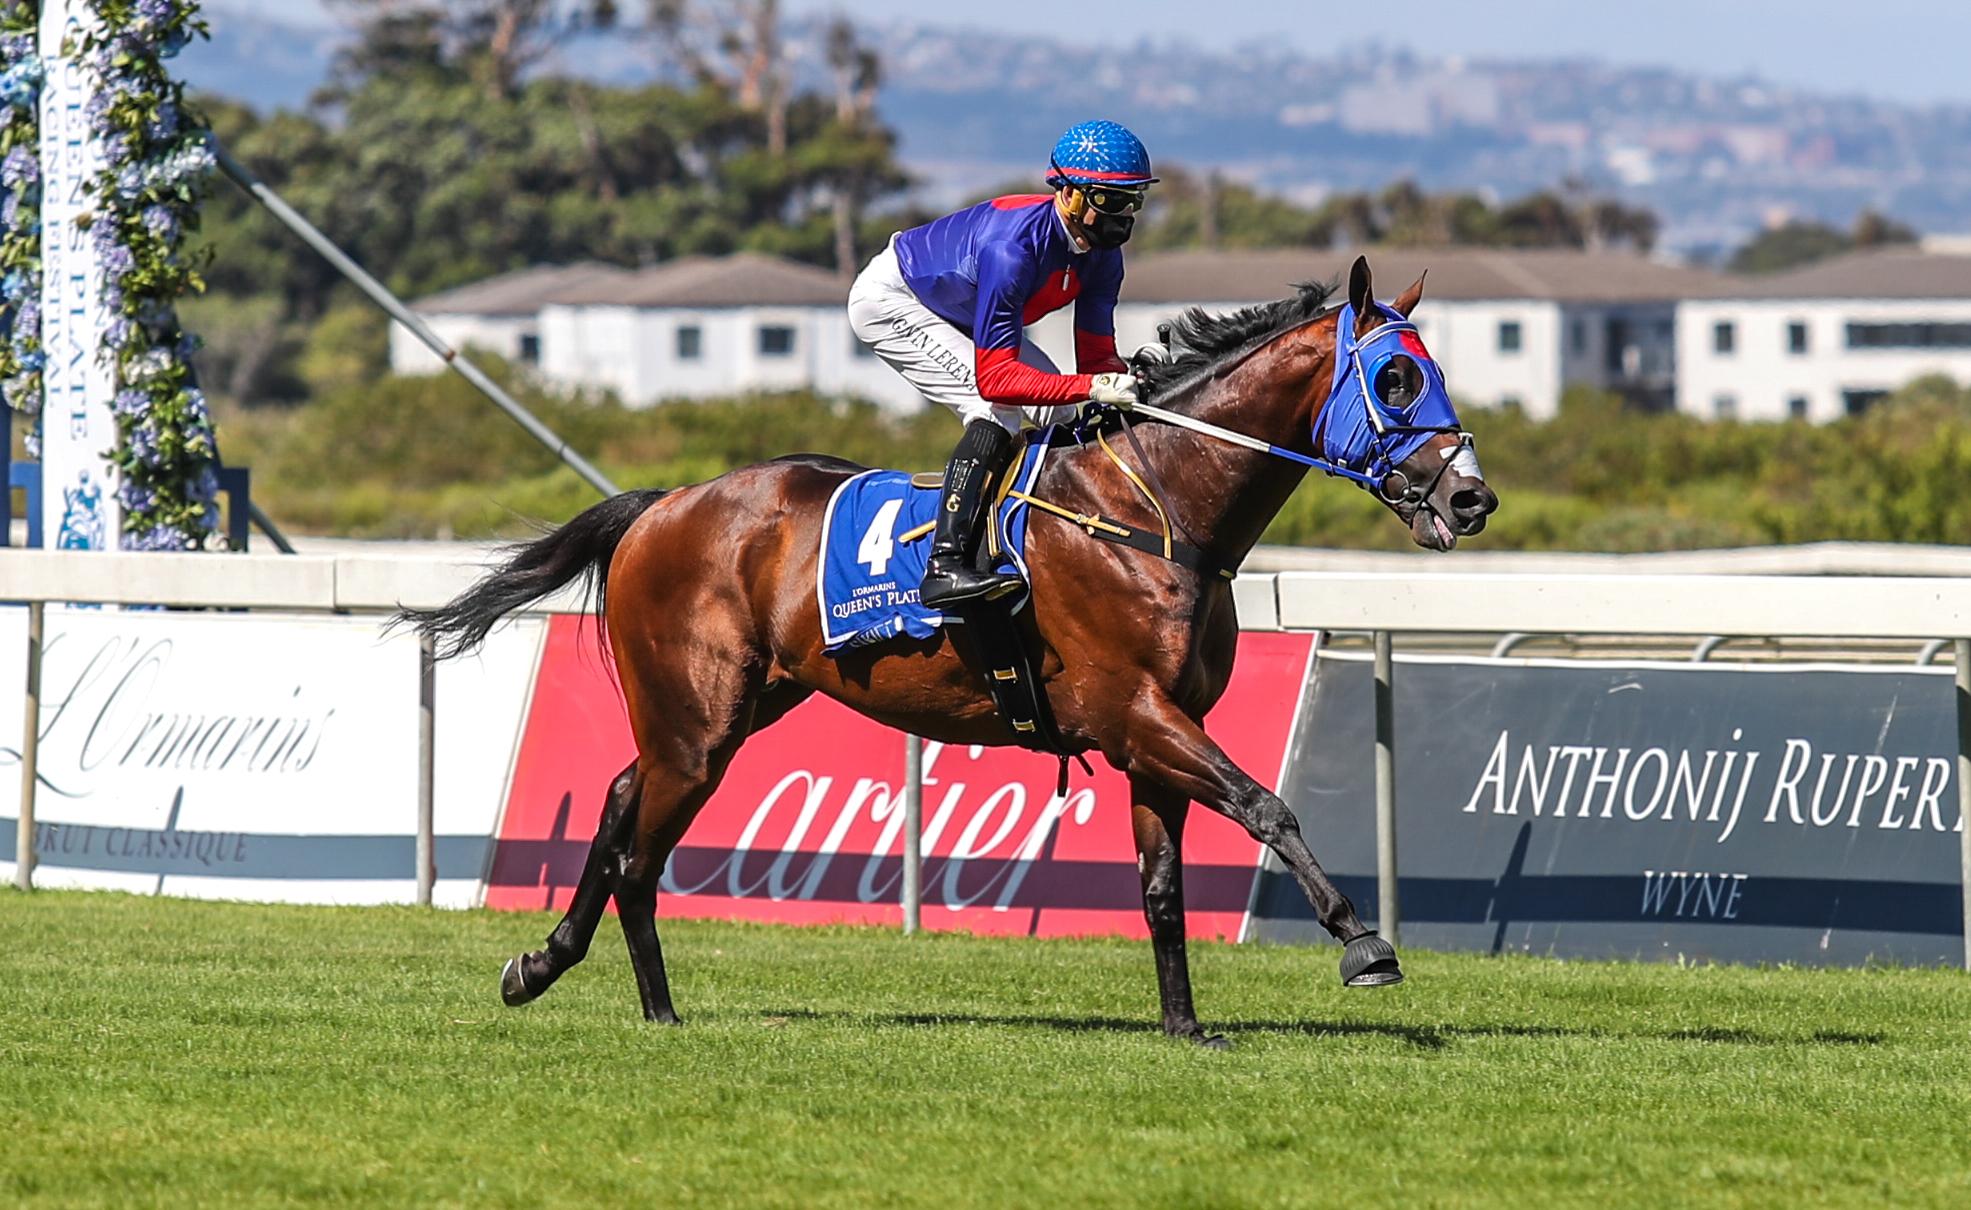 Cirillo - Cape Town Met Horse Profile